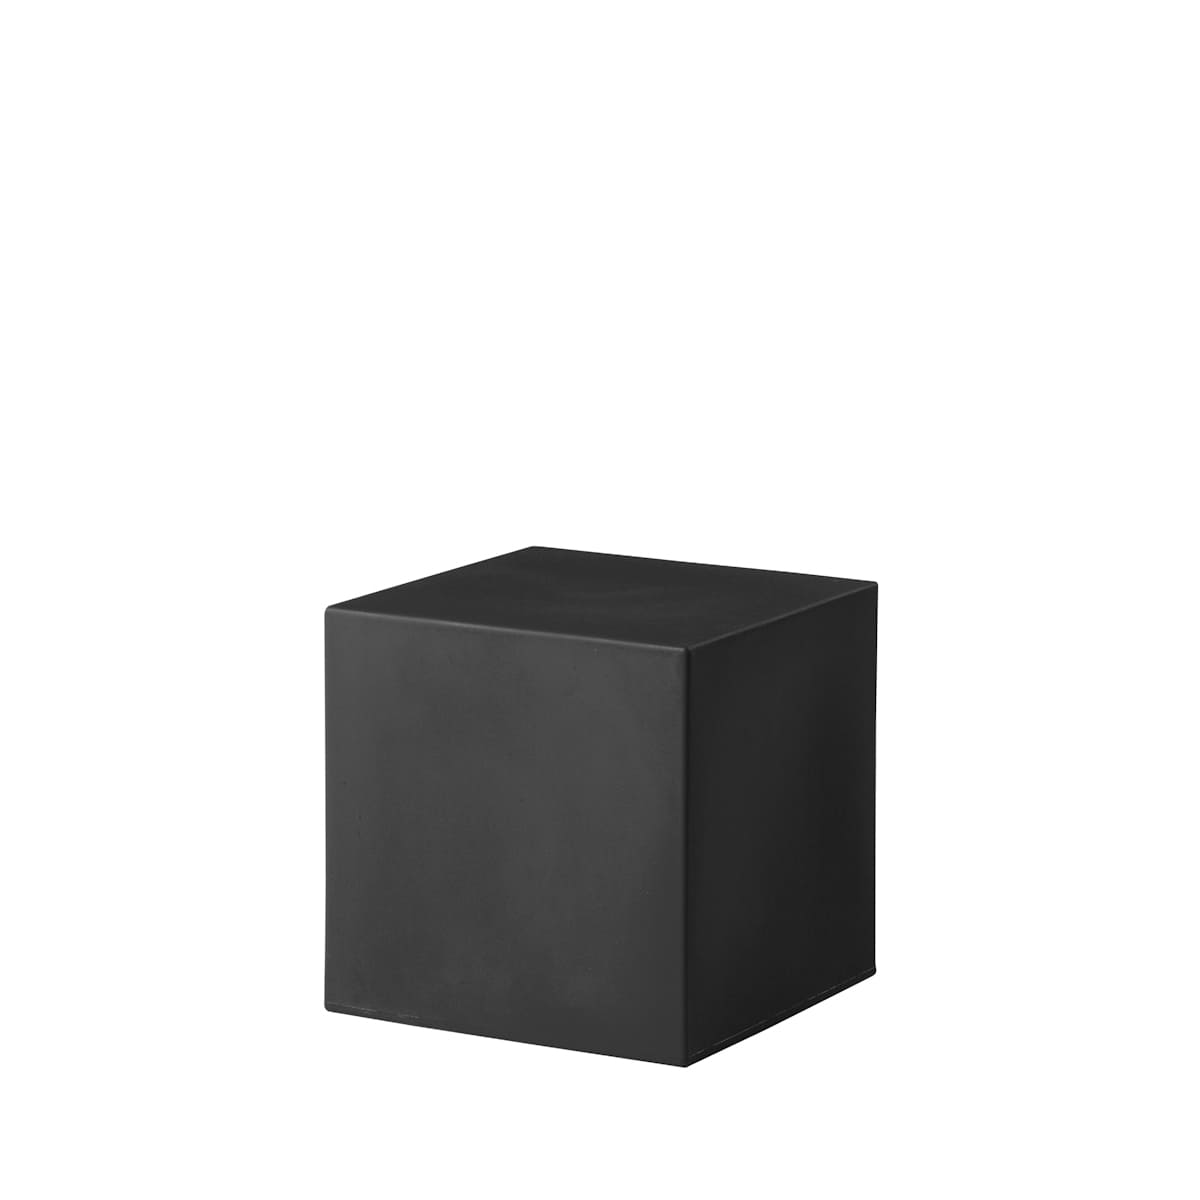 cube würfel schwarz Bunte Wuerfel Outdoor - Cube Würfel beleuchtet